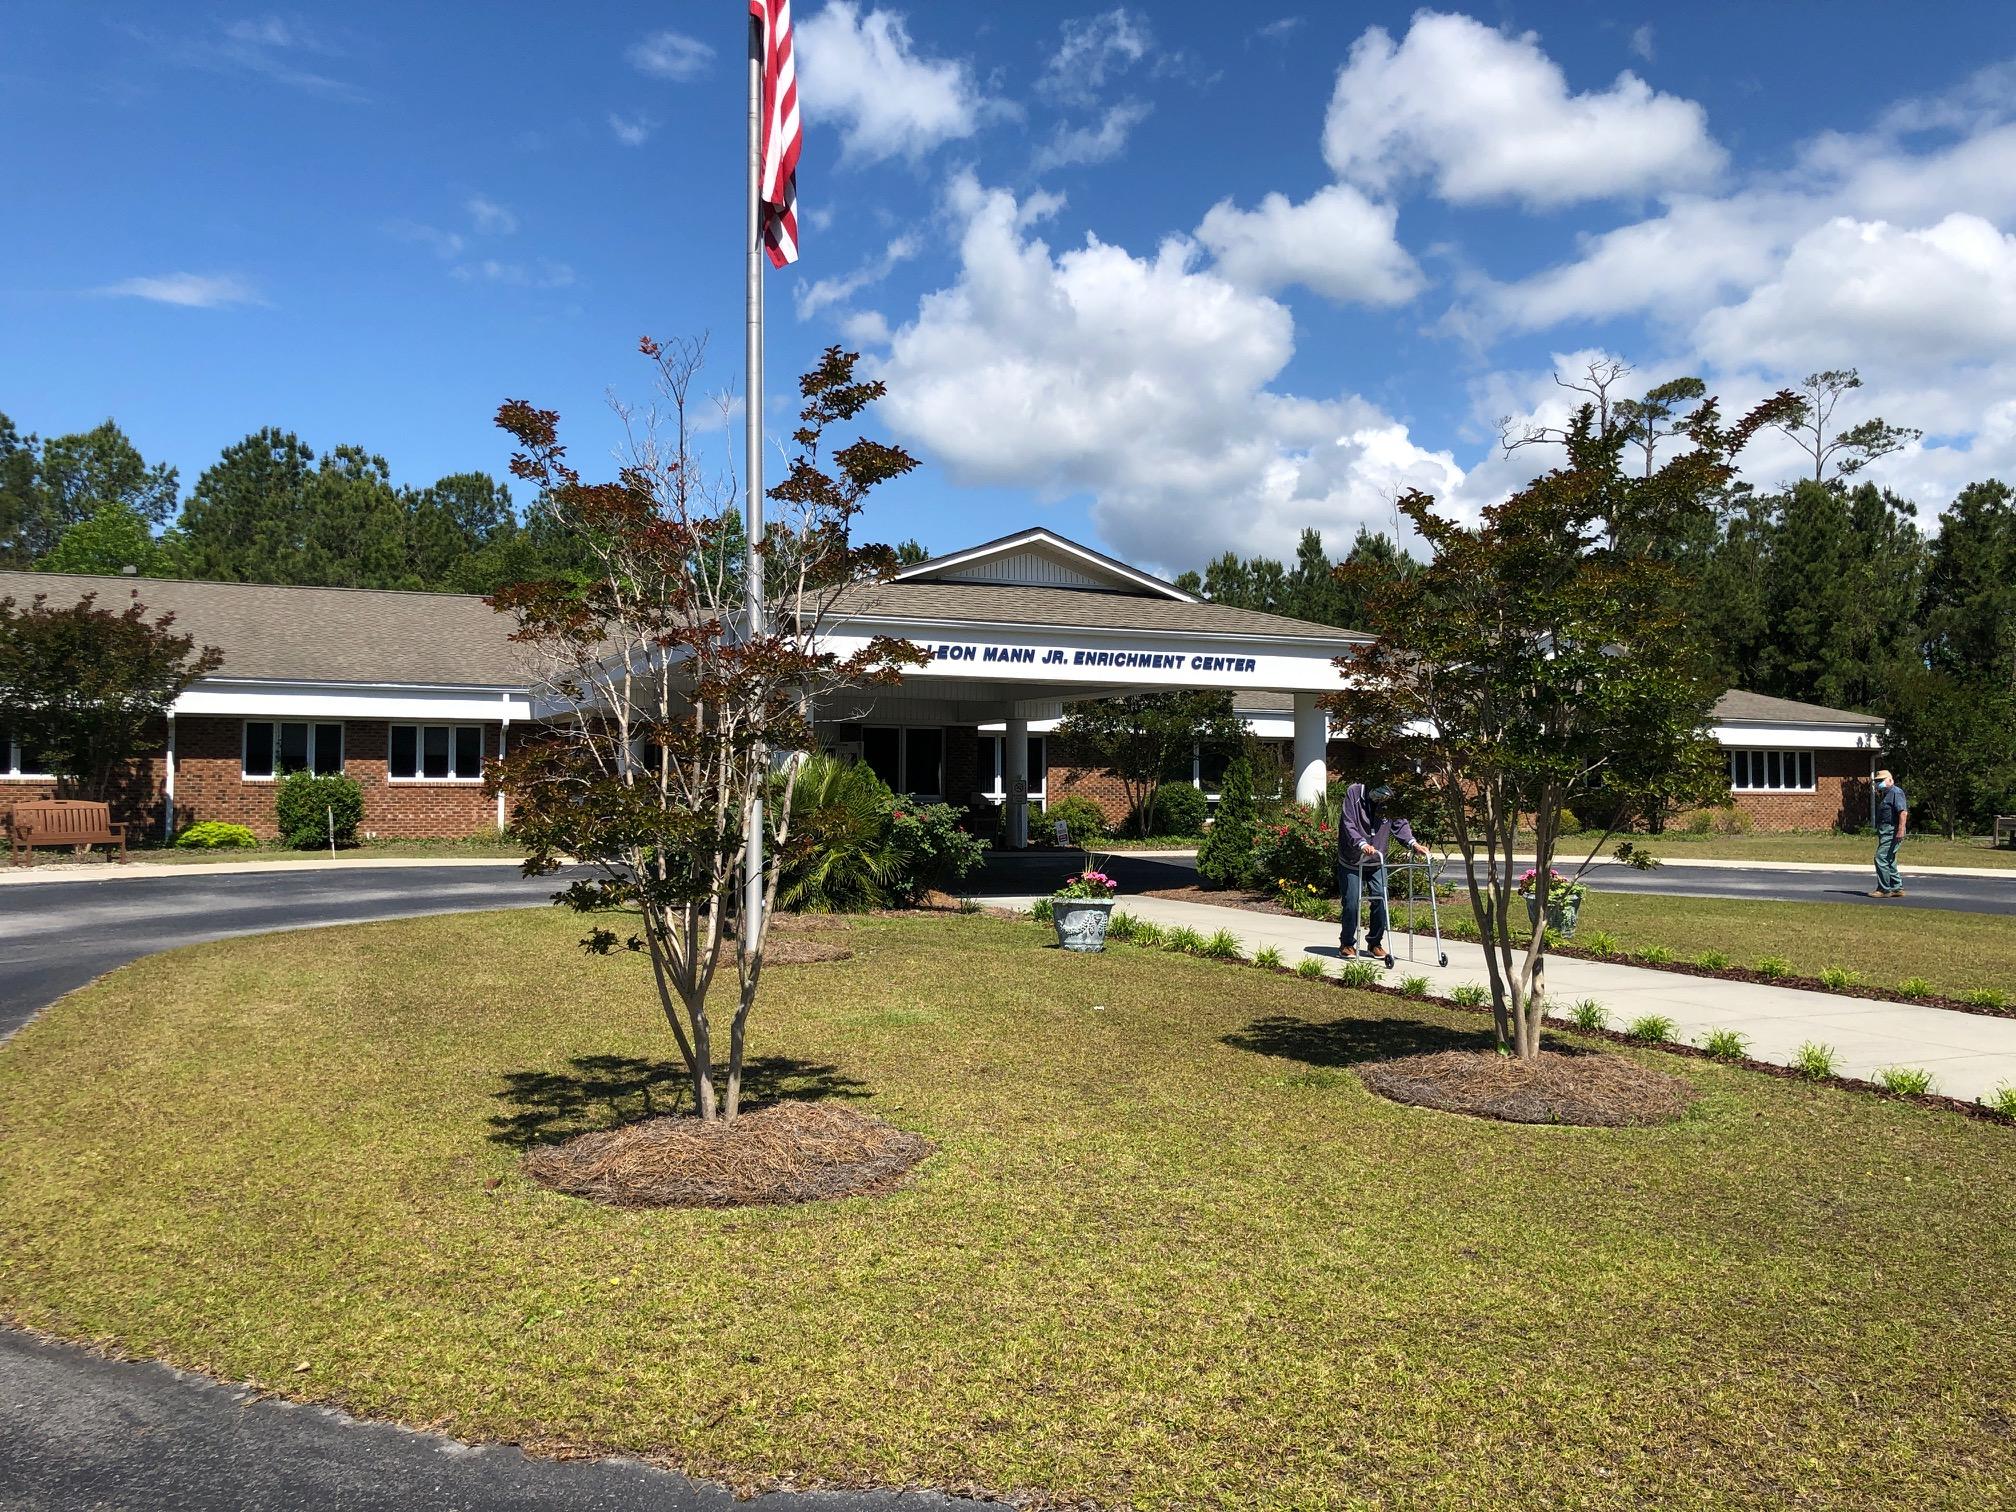 Leo Mann Jr. Enrichment Center